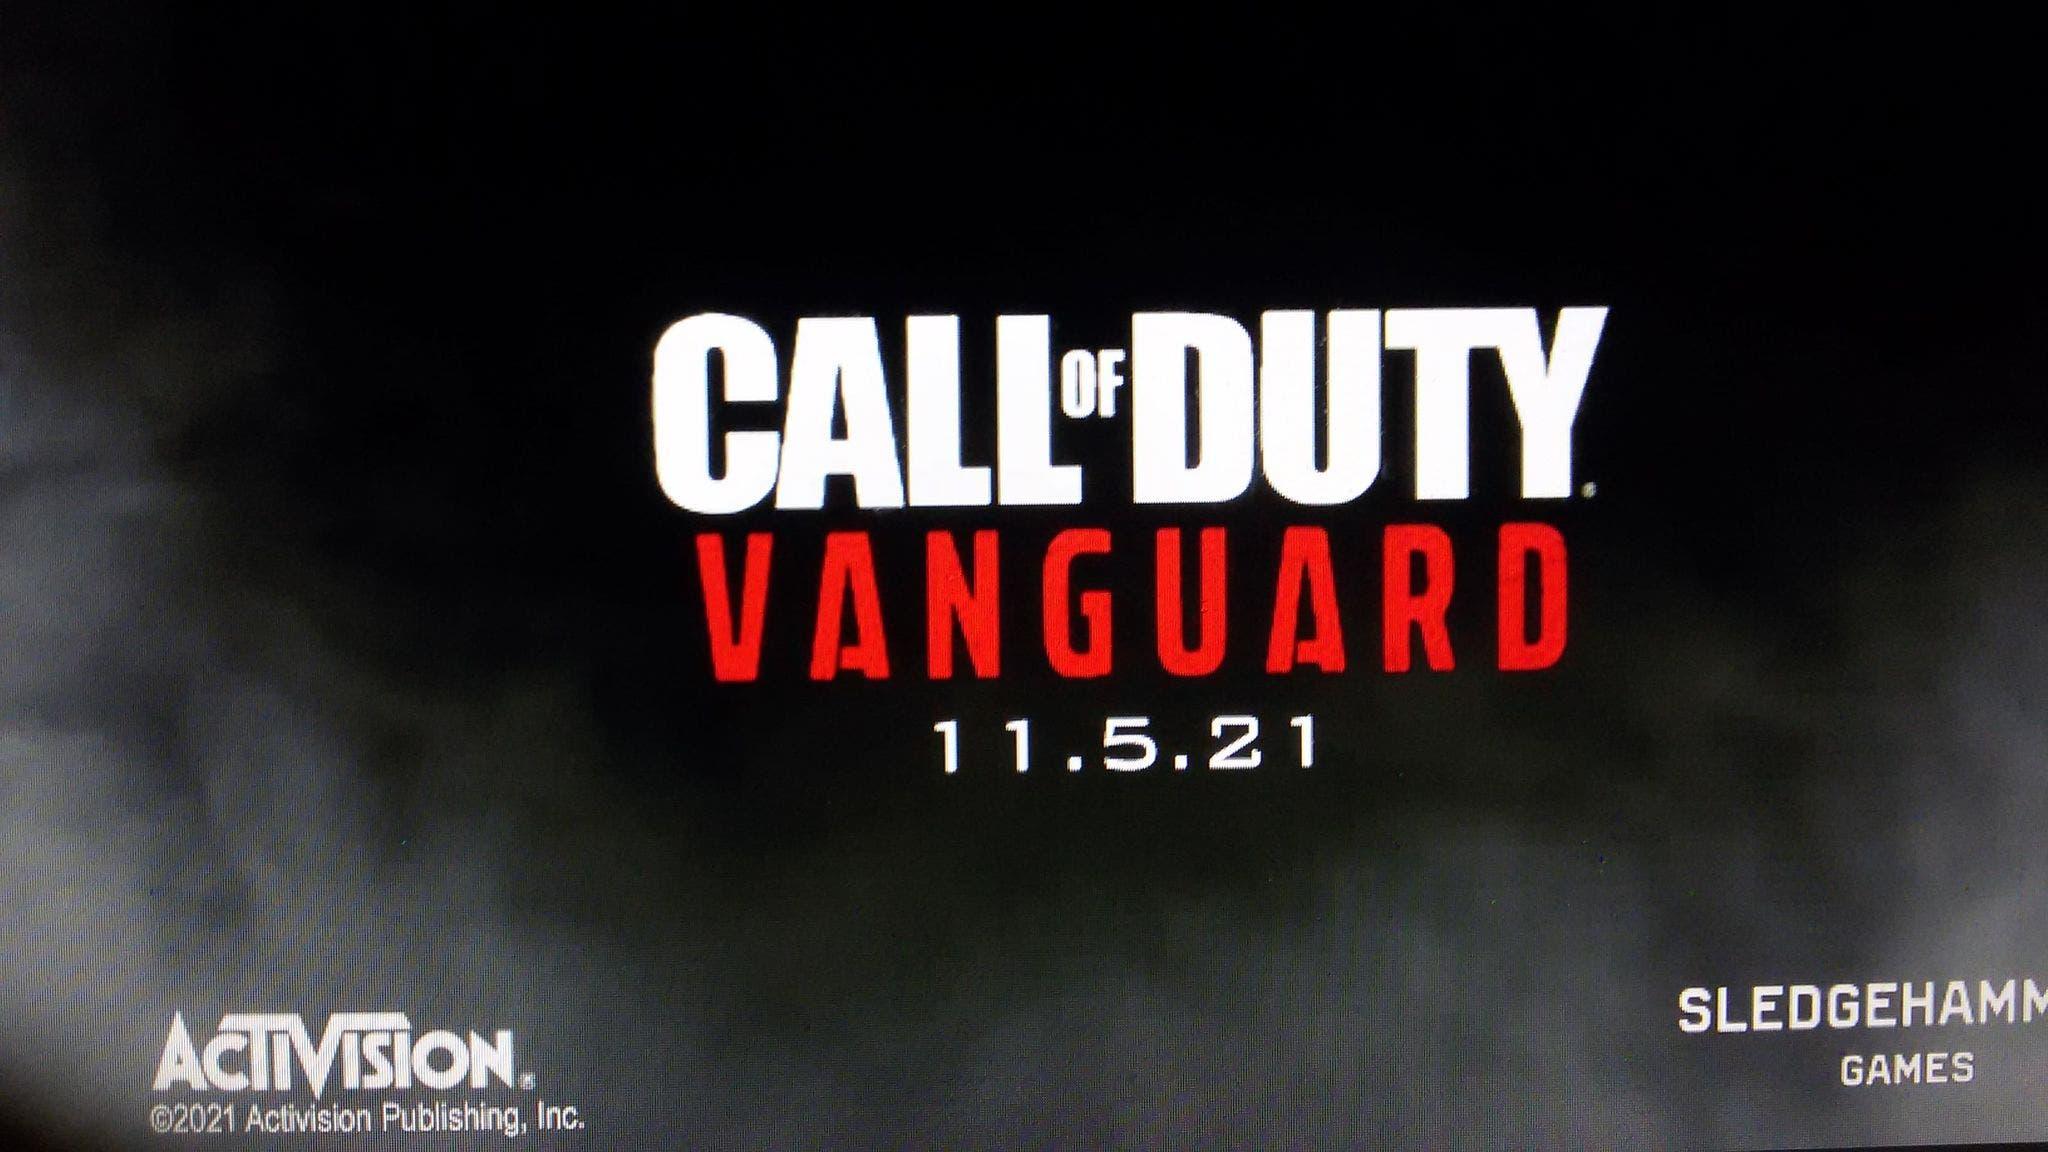 fecha de lanzamiento de Call of Duty Vanguard